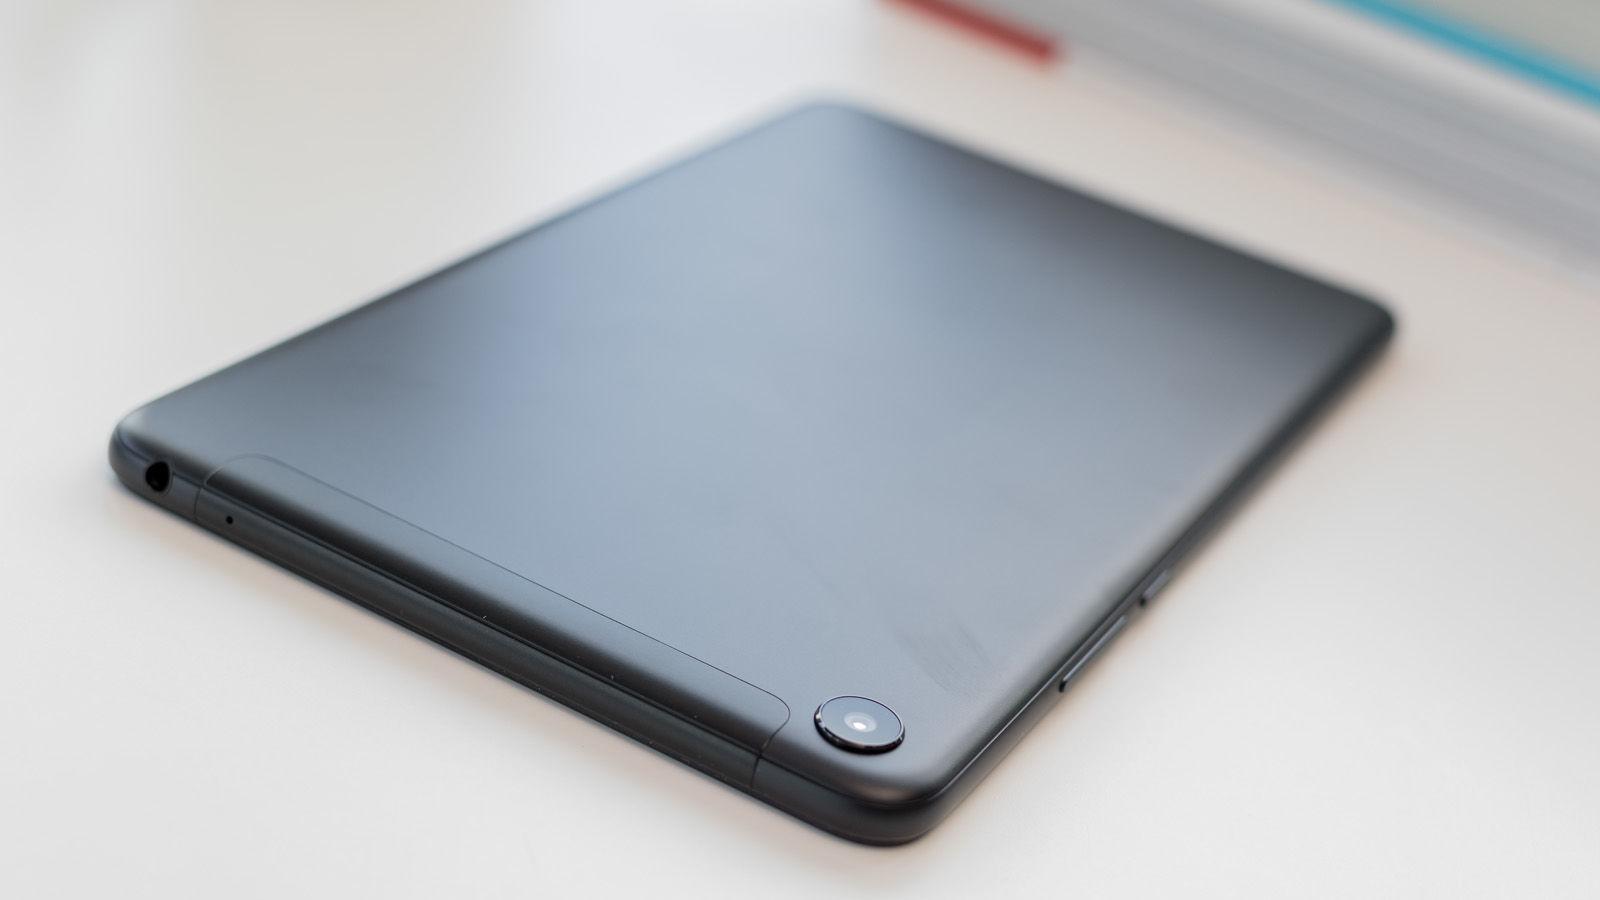 лучшие планшеты 2019 до 10000